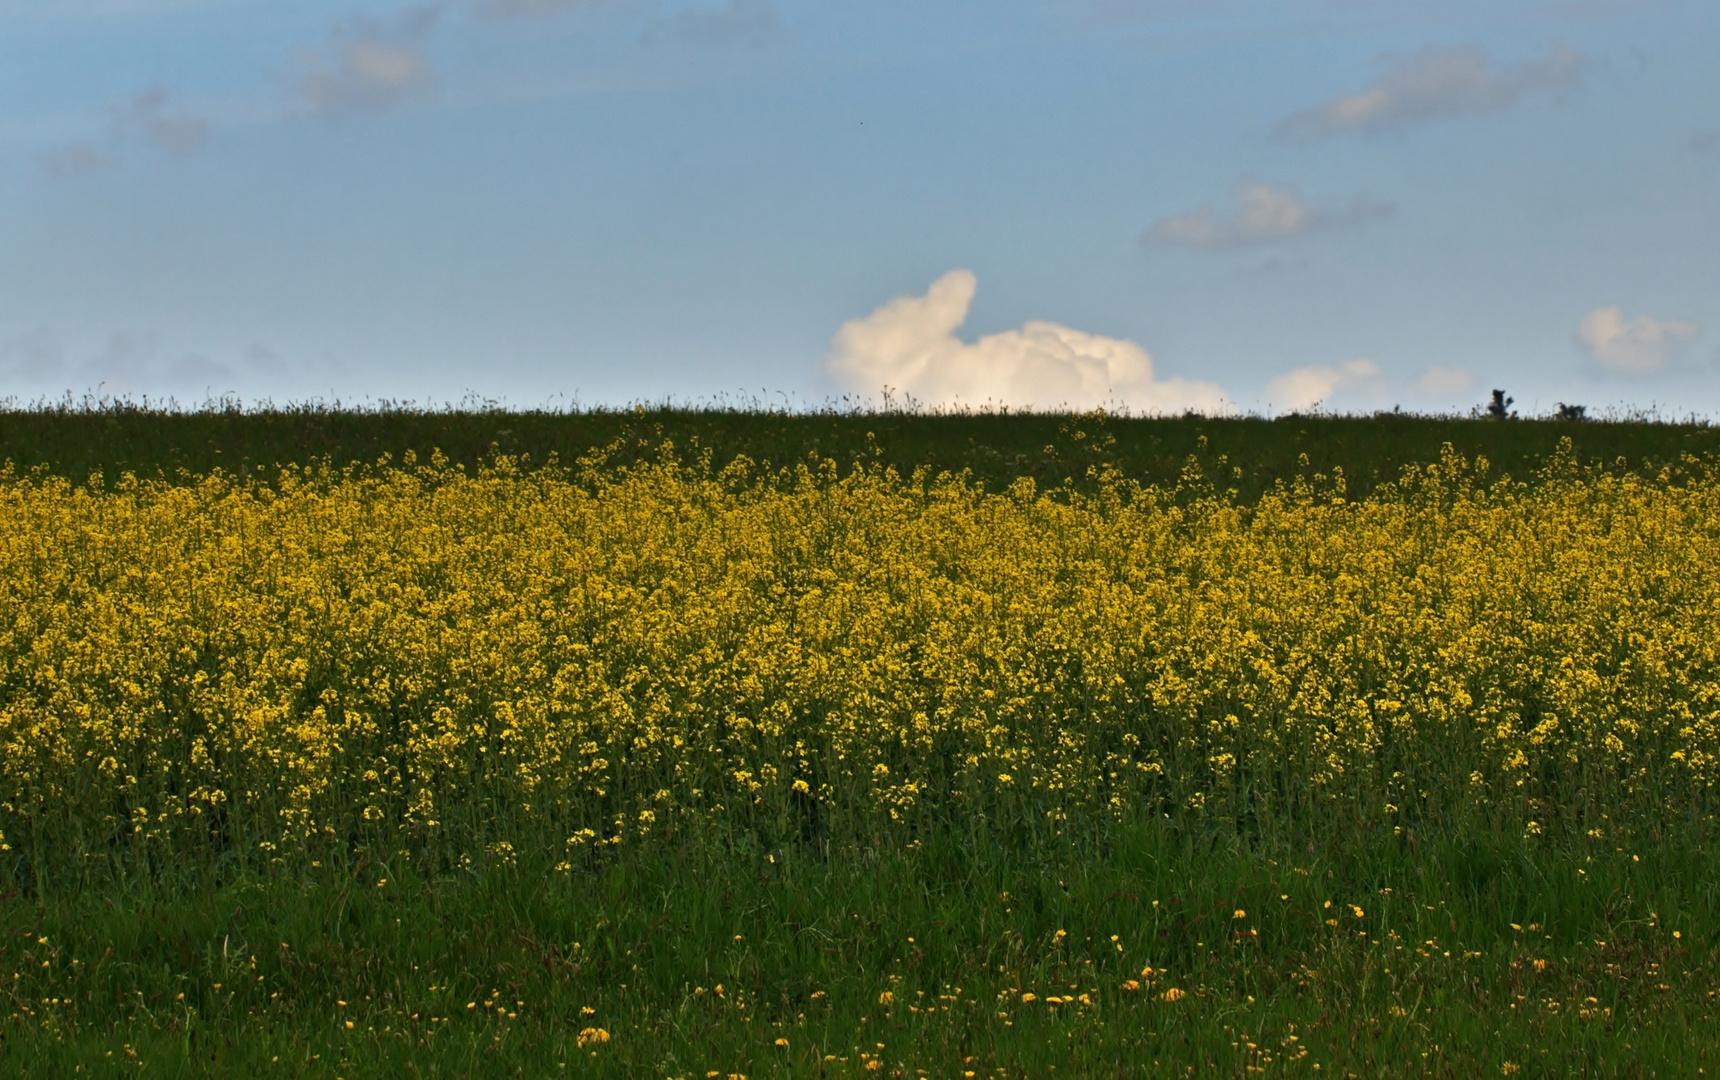 Häschen-Wolke über dem Rapsfeld